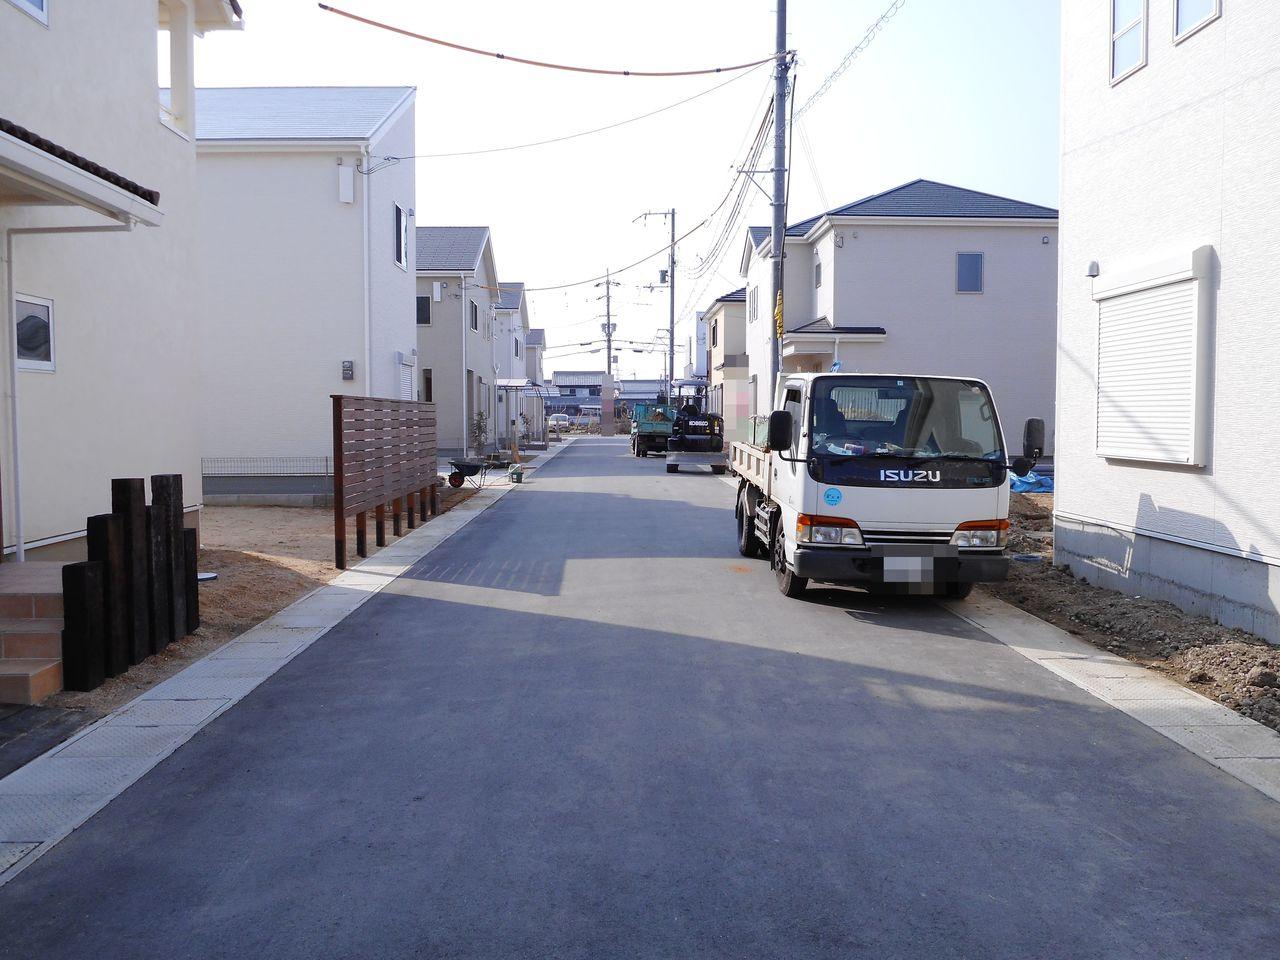 開発分譲地内にあり、車通りの少ない 静かな環境です。 (2018年1月初旬撮影)